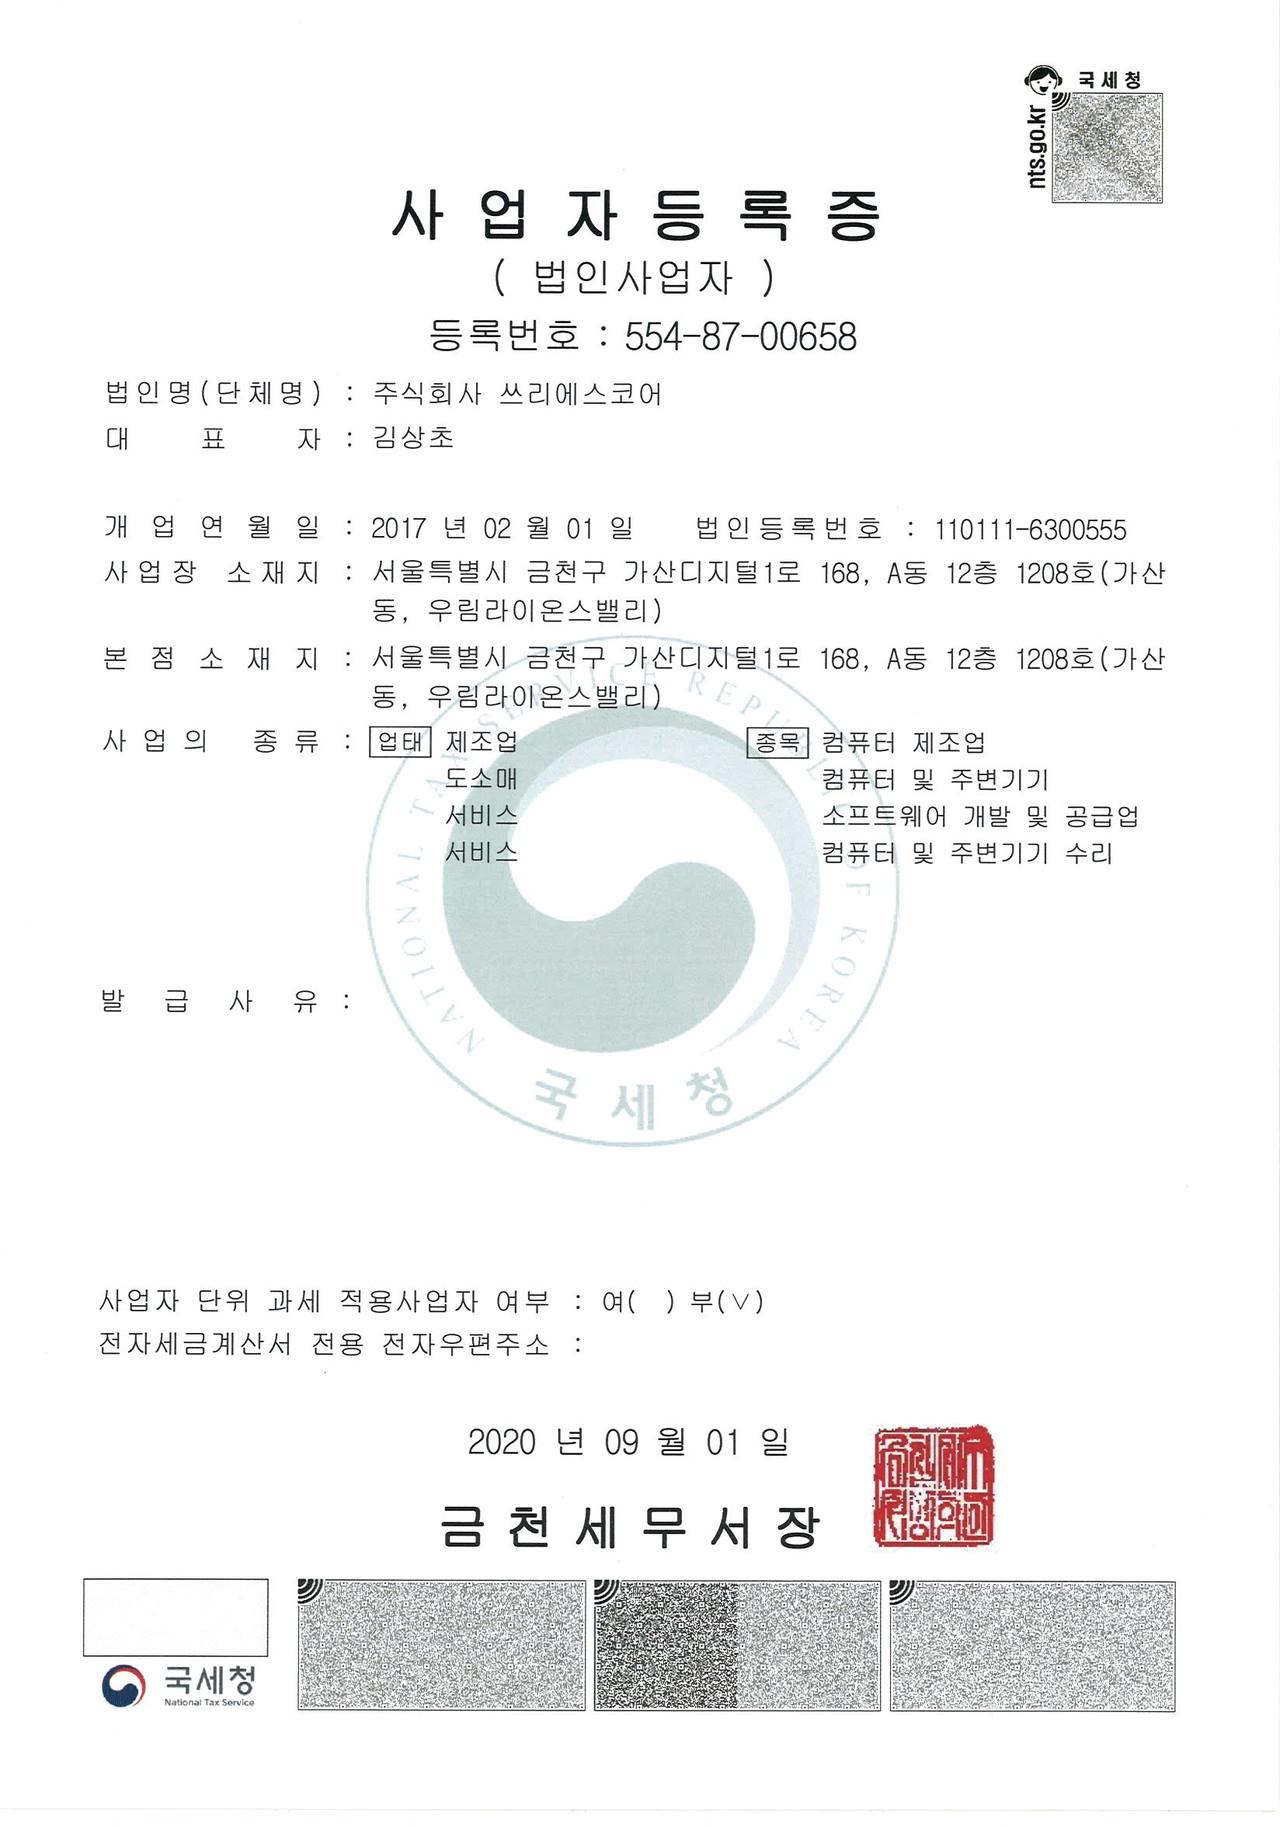 사업자 등록증